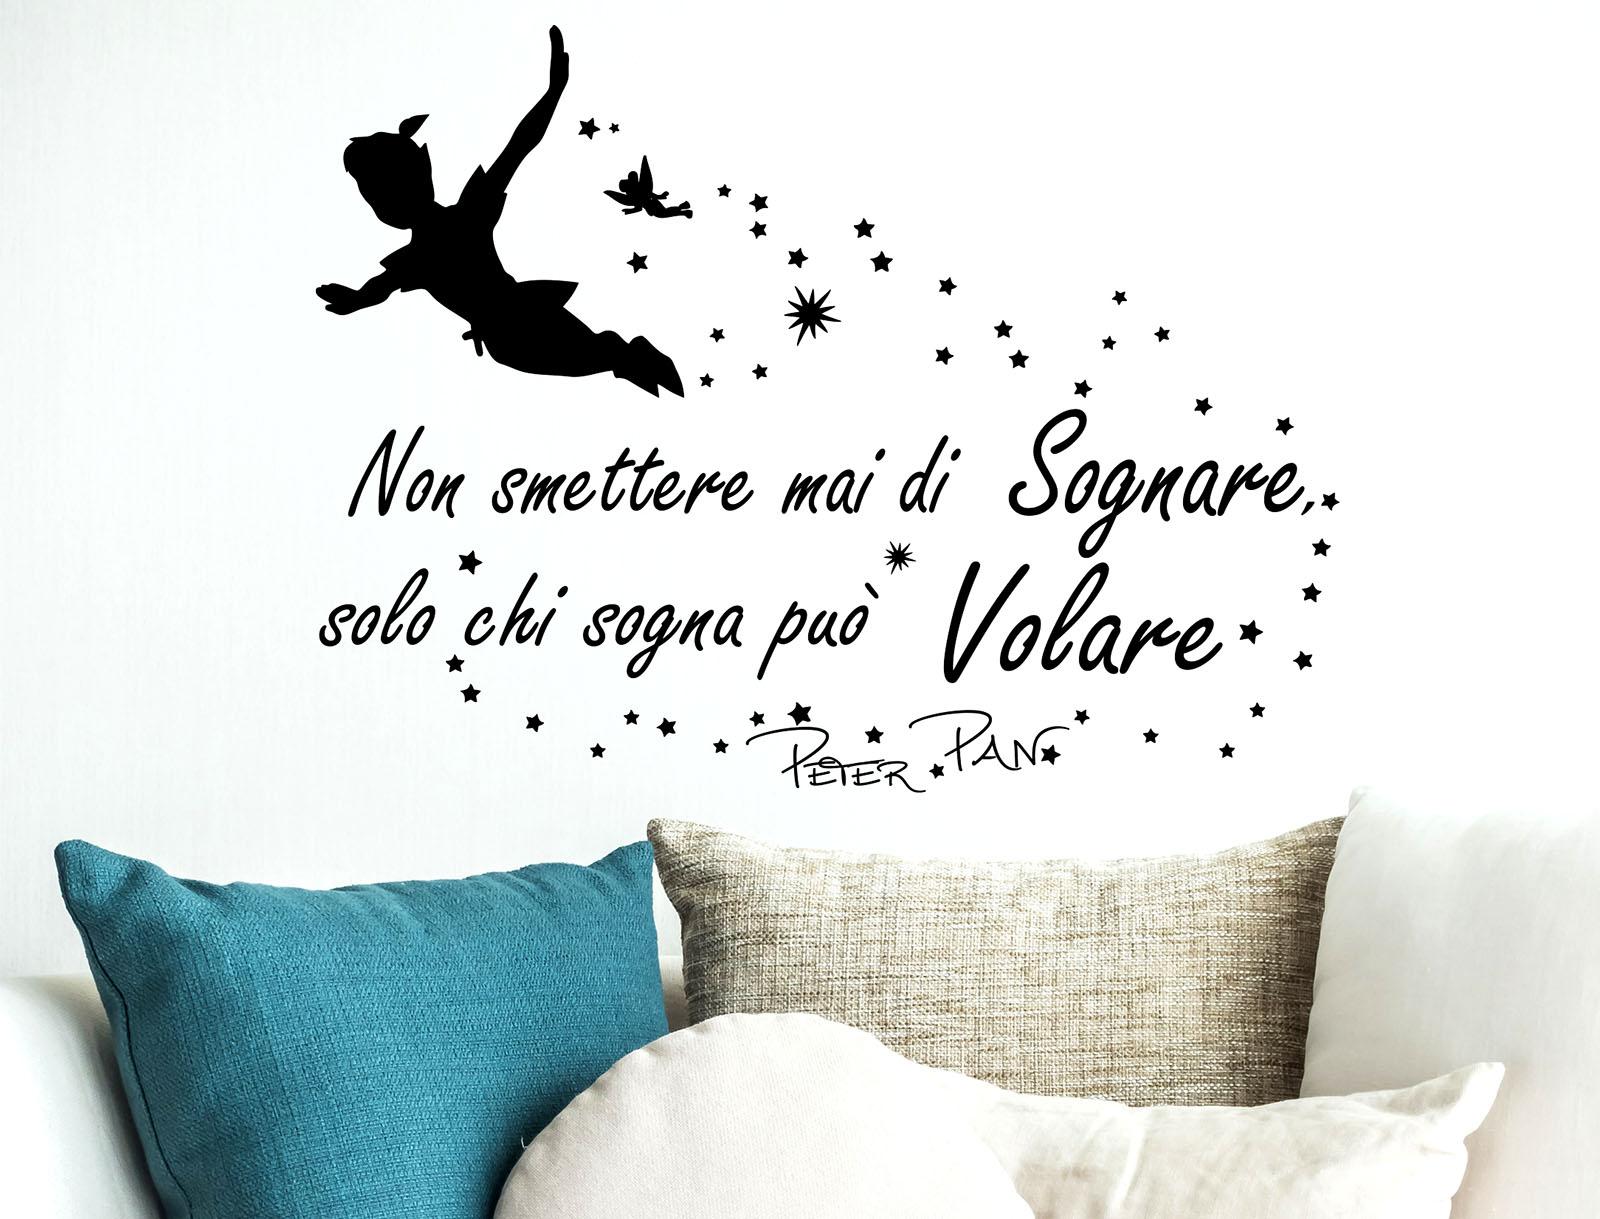 Adesivi Murali Peter Pan.Sticker Design Vi Presenta Adesivi Murali Frasi Peter Pan Non